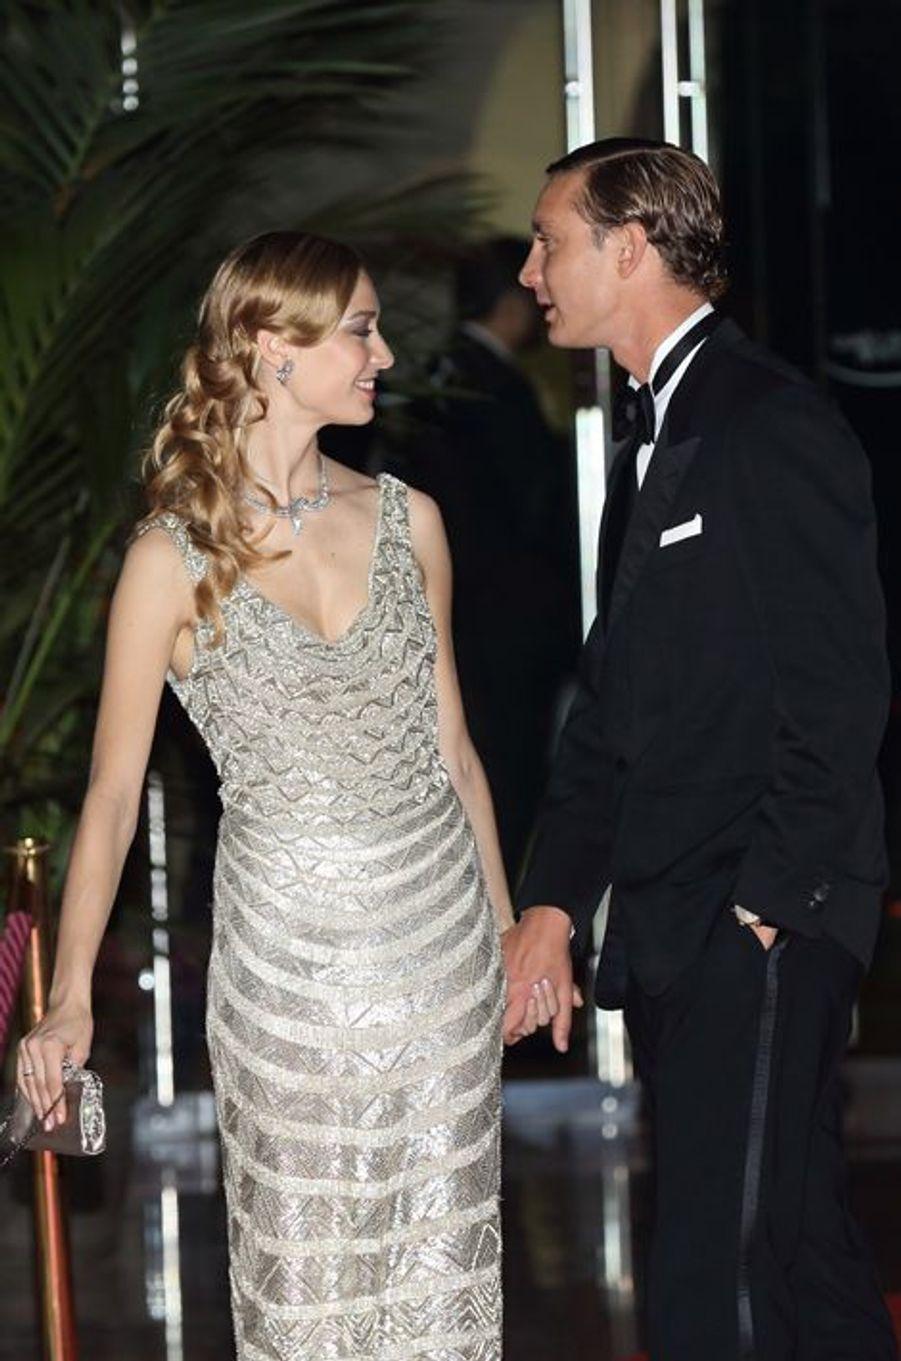 Pierre Casiraghi et Béatrice Borroméo au bal de la Rose à Monaco, le 28 mars 2015